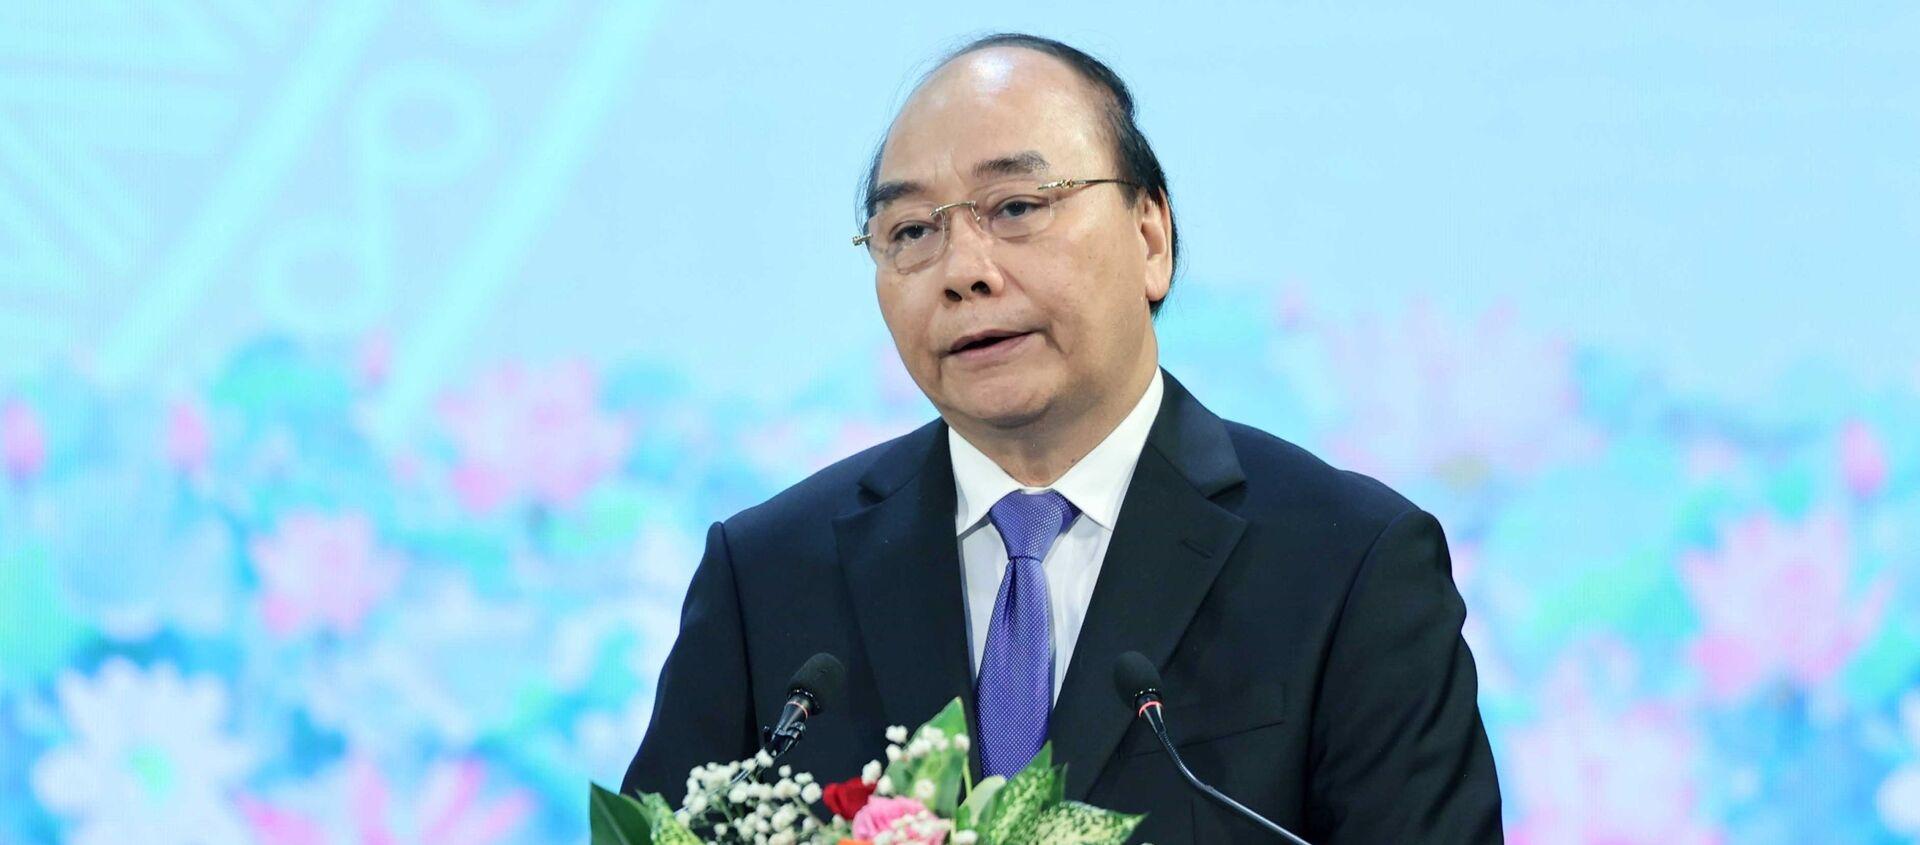 Thủ tướng Nguyễn Xuân Phúc đọc diễn văn tại Lễ kỷ niệm - Sputnik Việt Nam, 1920, 01.12.2020